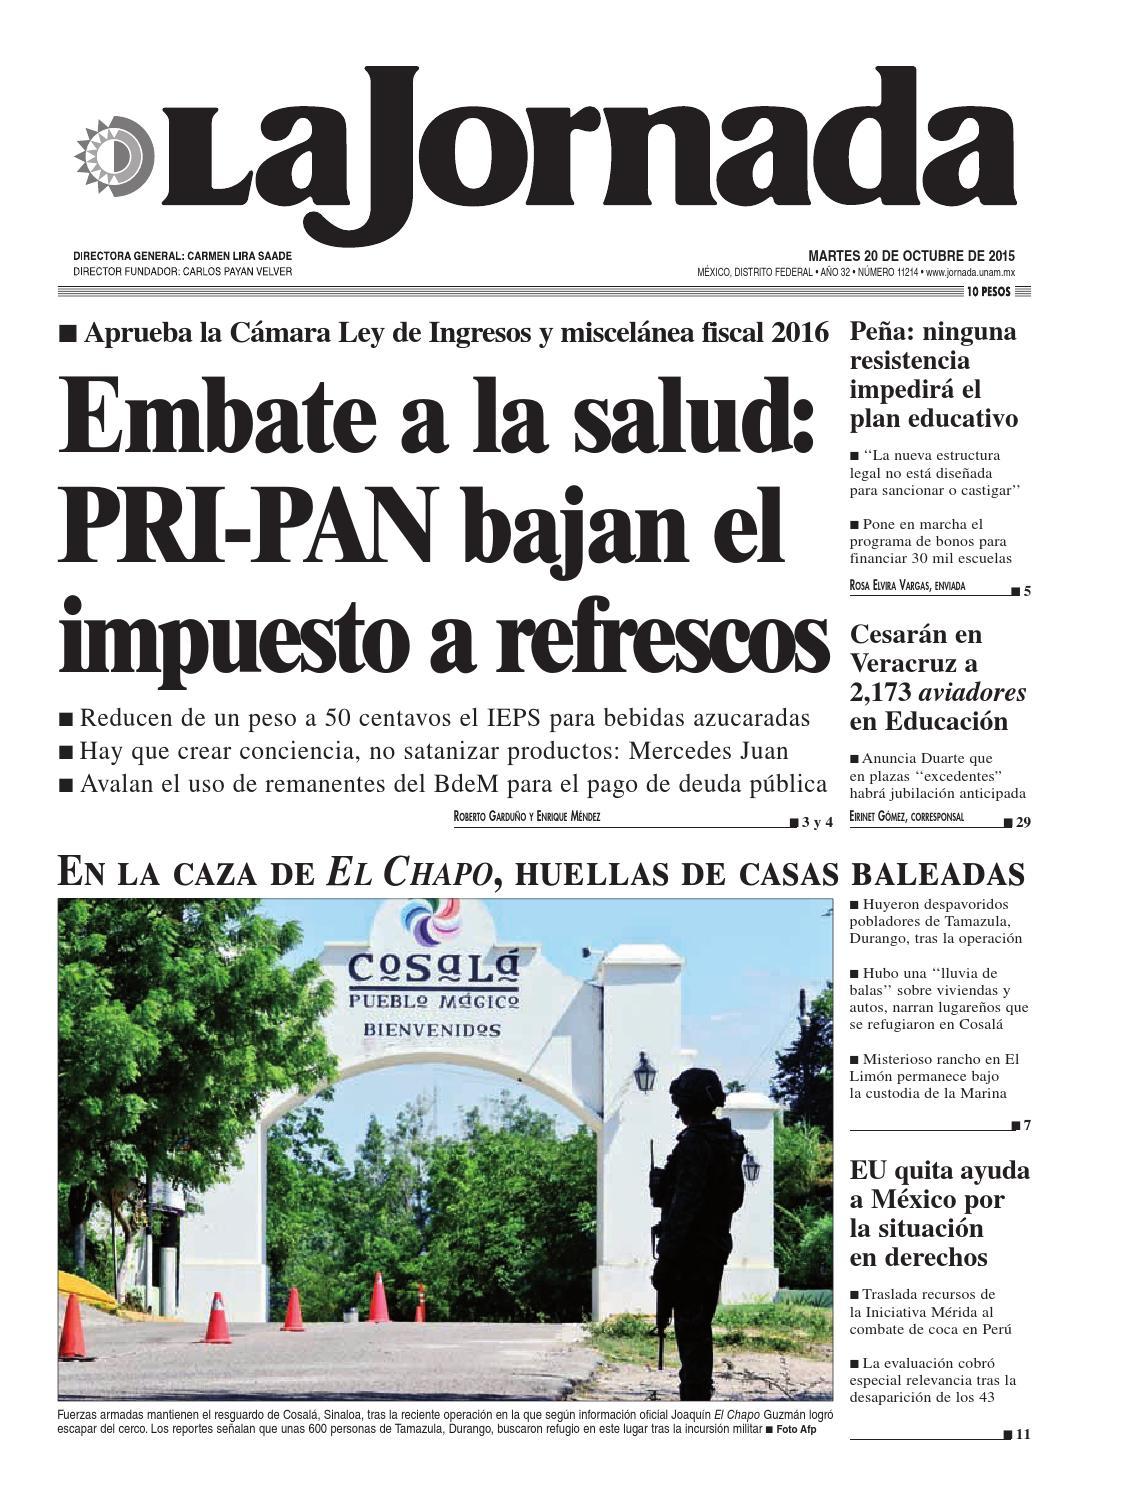 La Jornada, 10/20/2015 by La Jornada: DEMOS Desarrollo de Medios SA ...